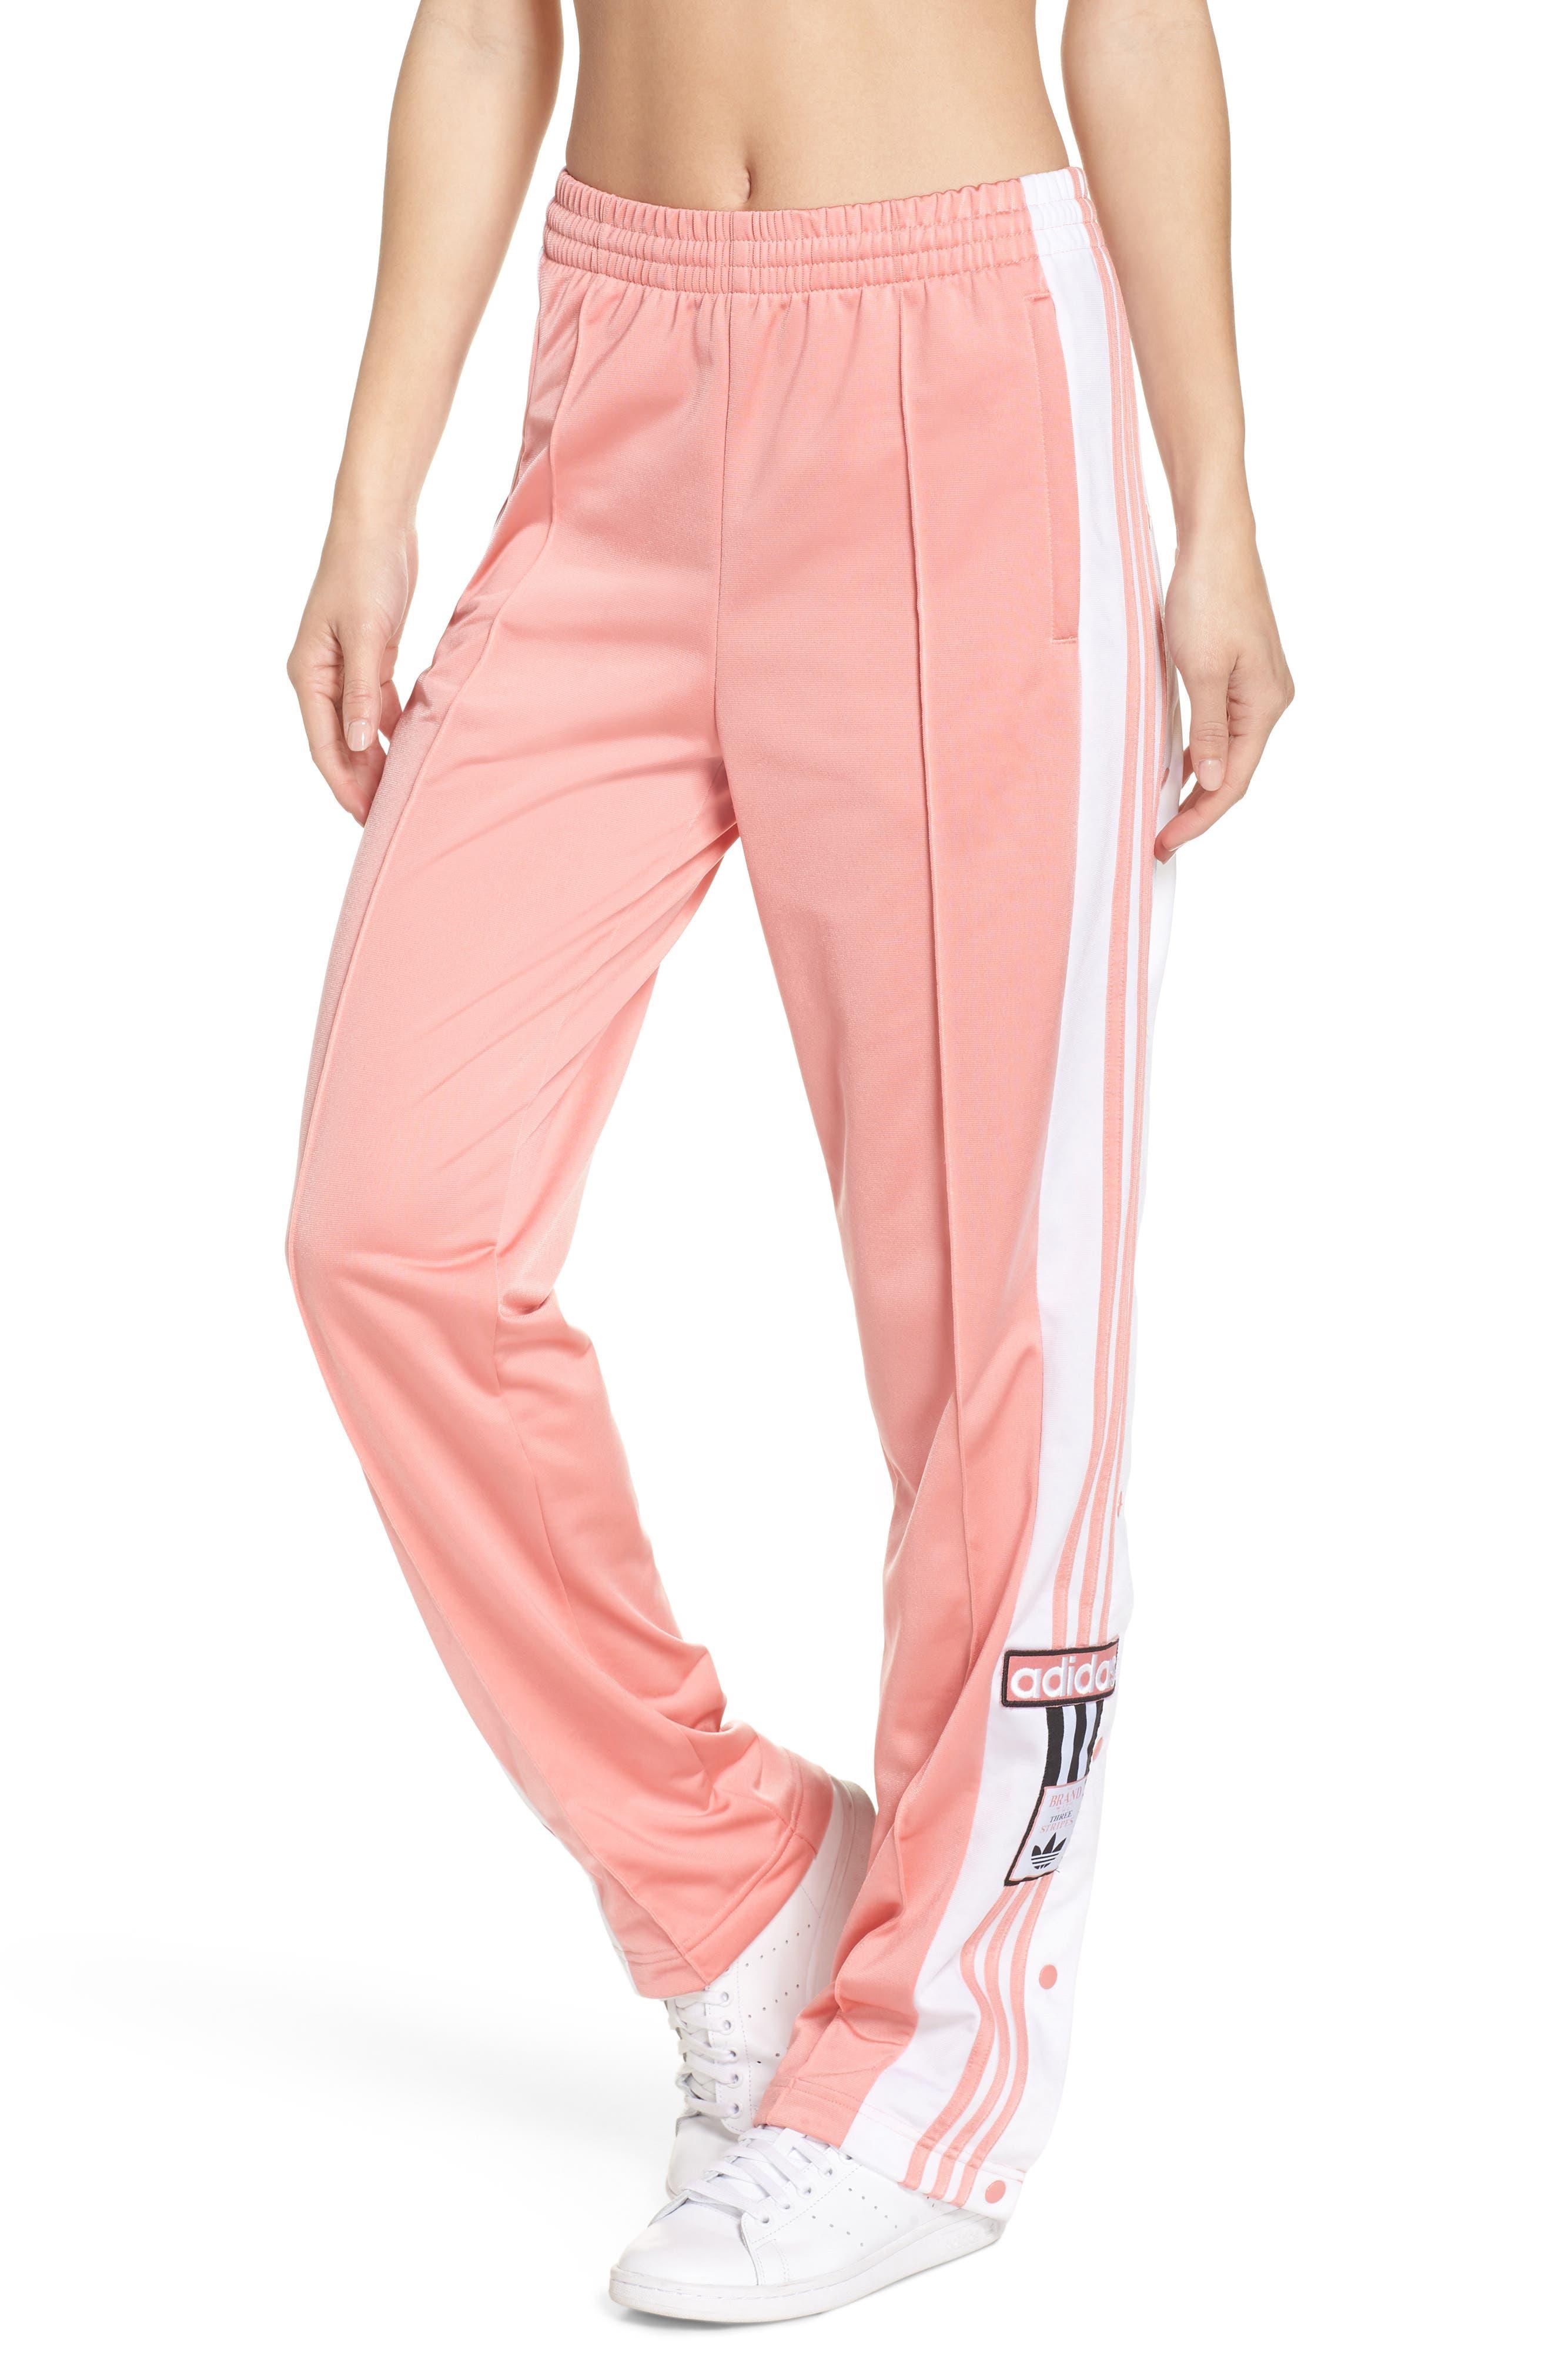 Adidas Originals adibreak Tearaway track pants, táctil Rose modesens